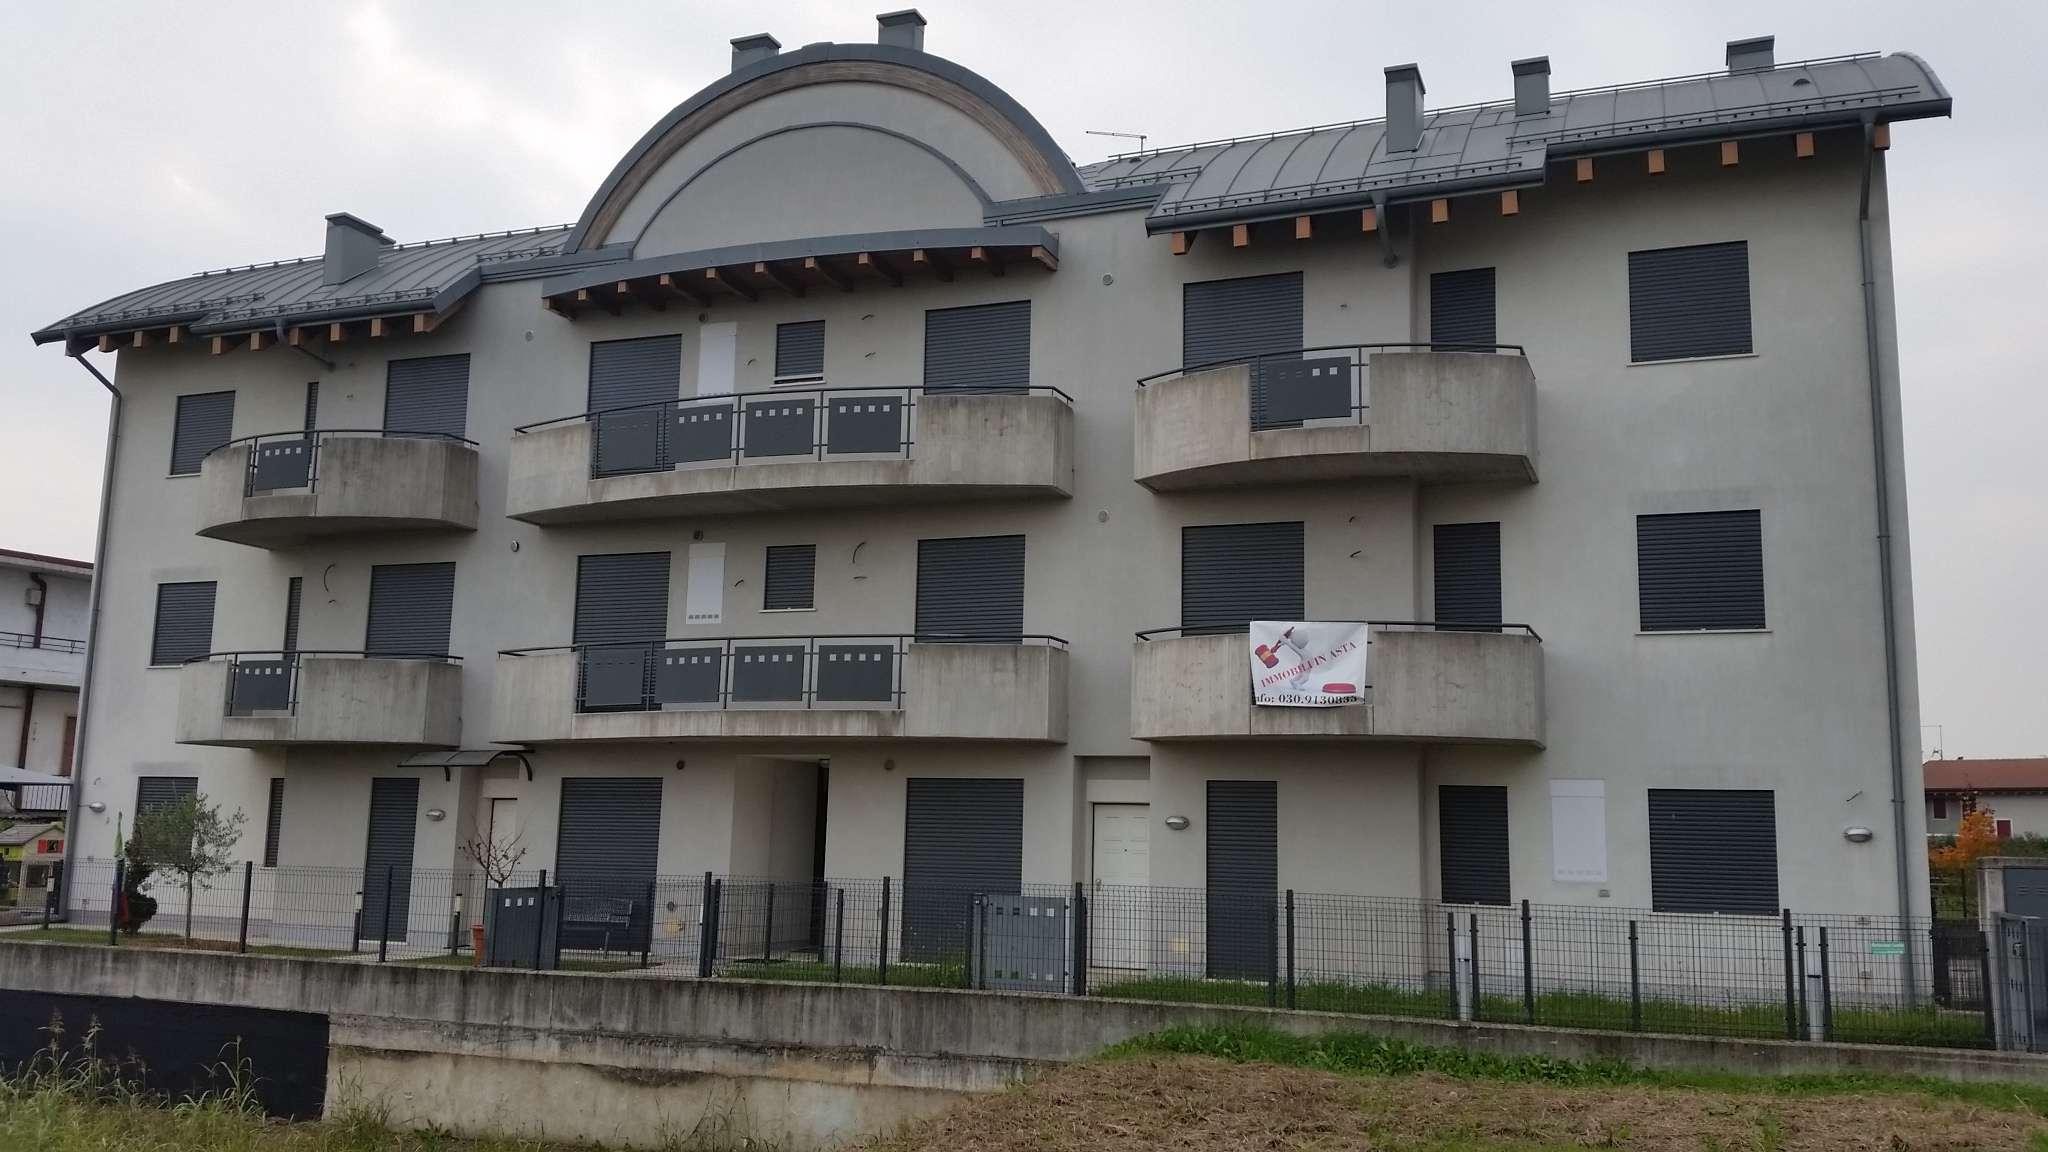 Appartamento in vendita a Dueville, 3 locali, prezzo € 58.000 | Cambio Casa.it